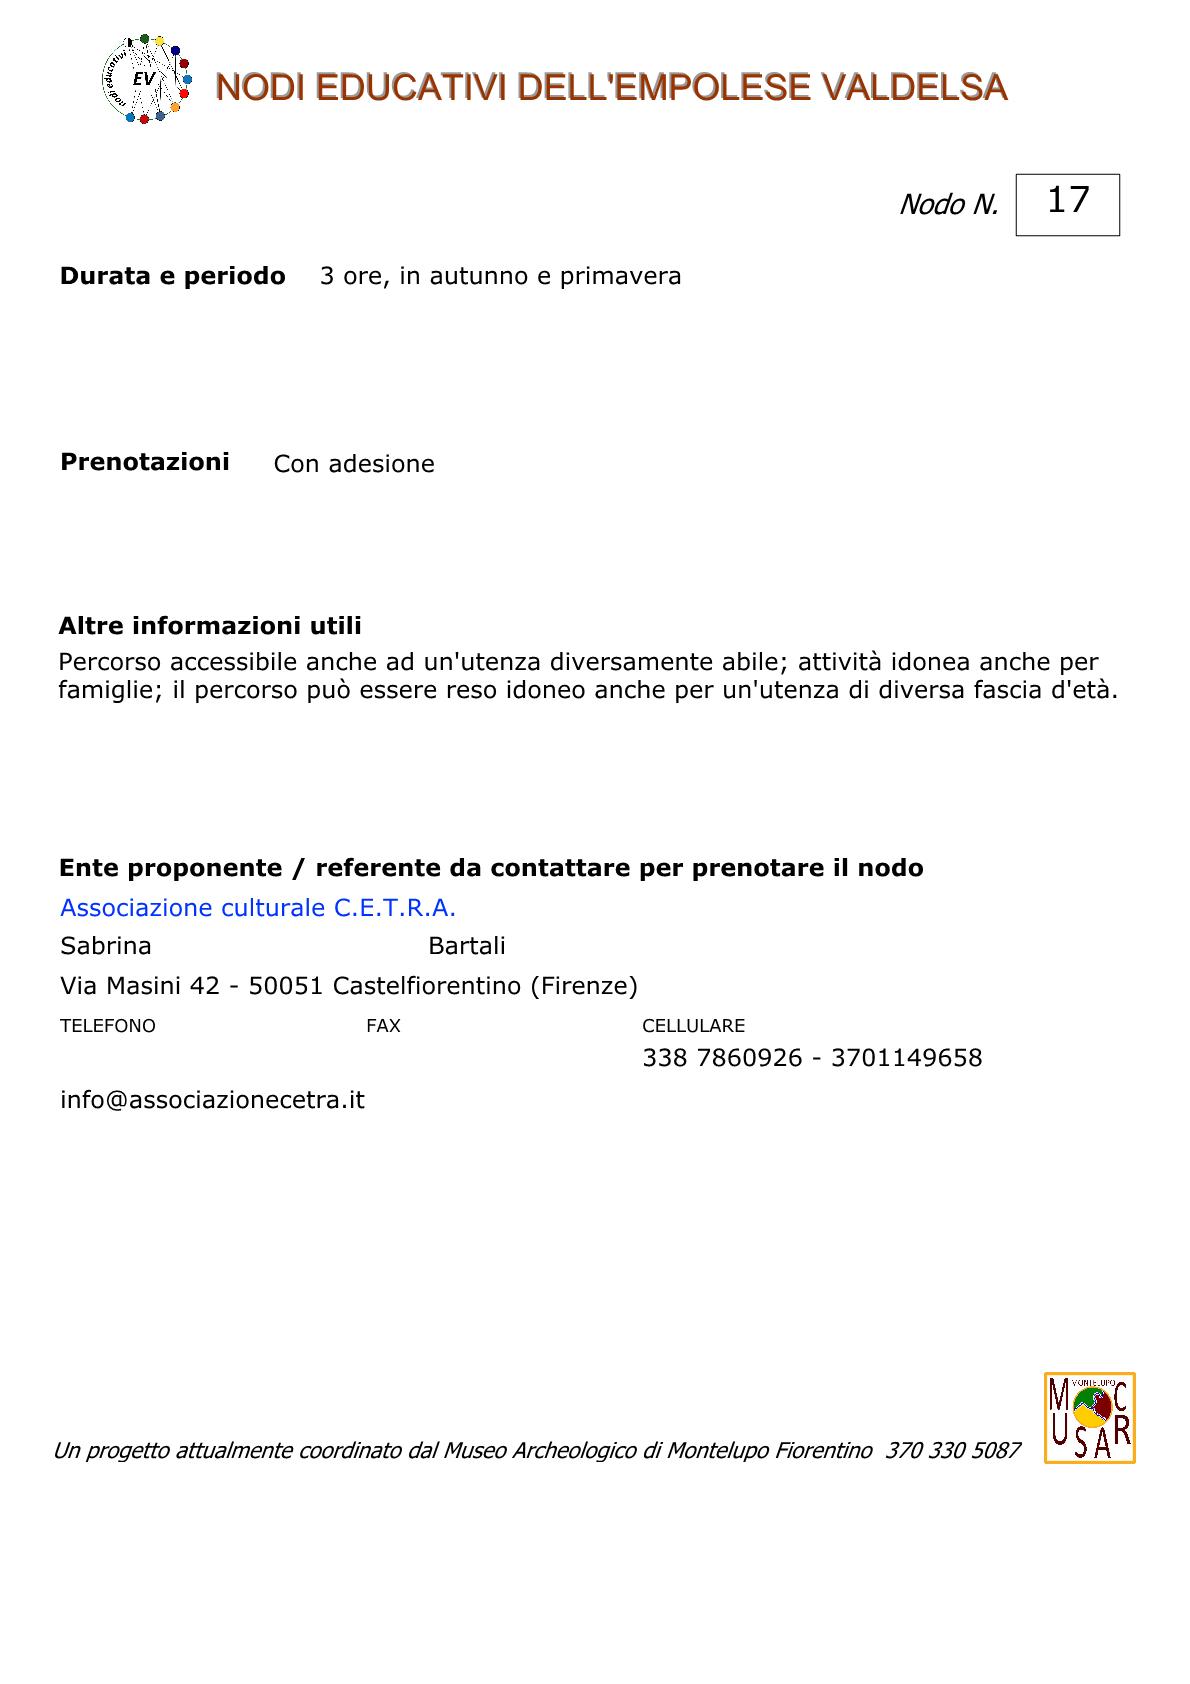 nodi-ev-161001-n-0173